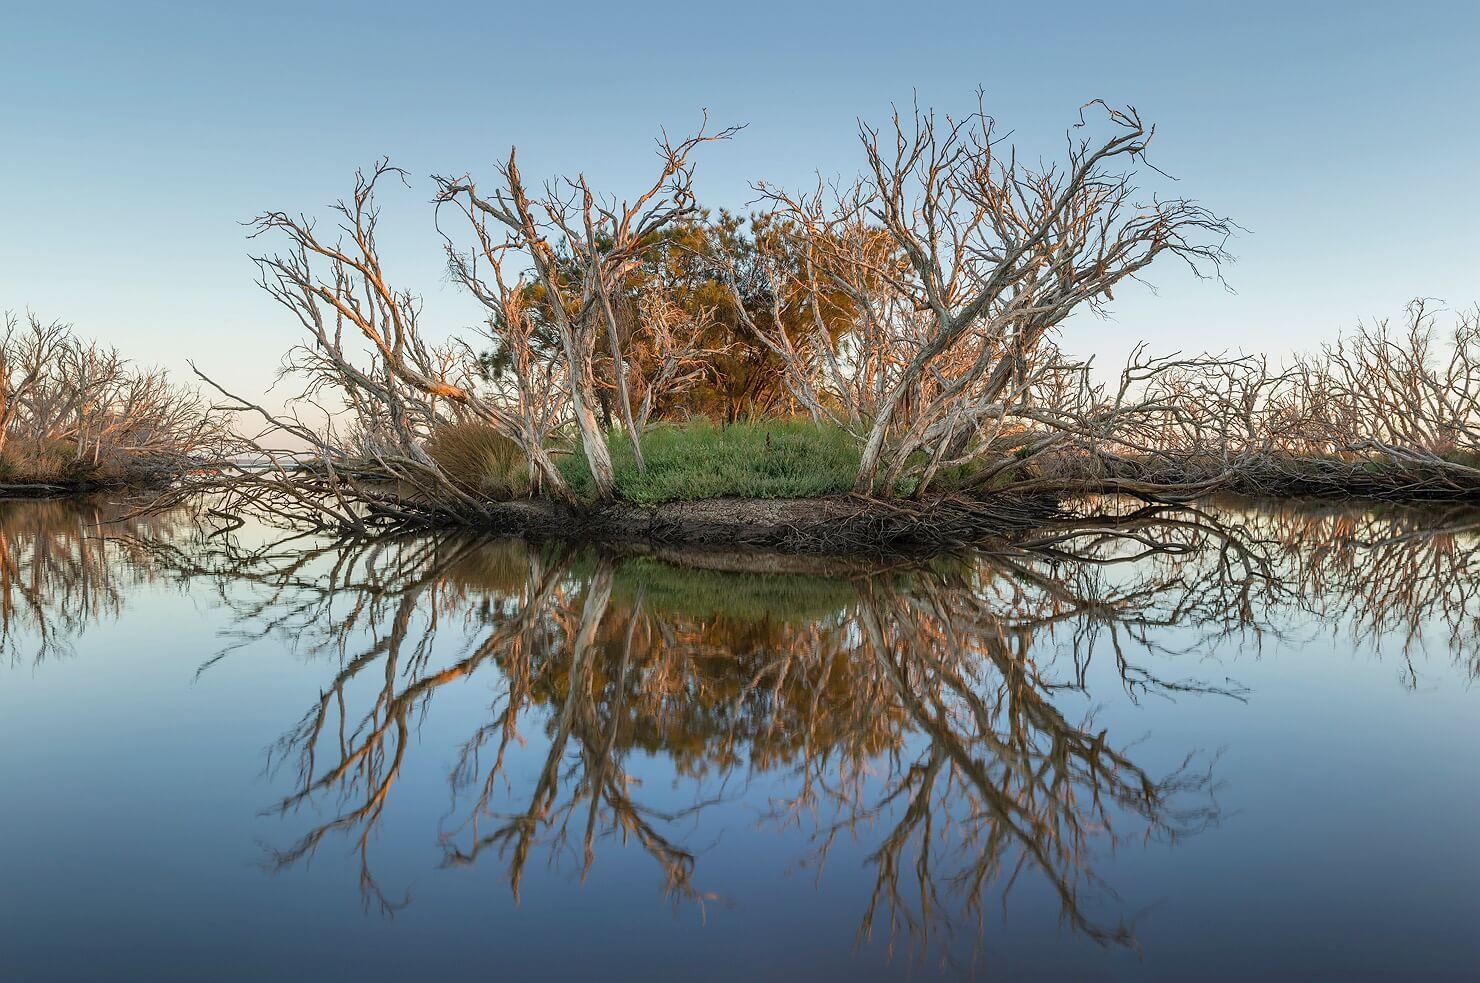 Unique Australian Landscape Photography 5th Is Very